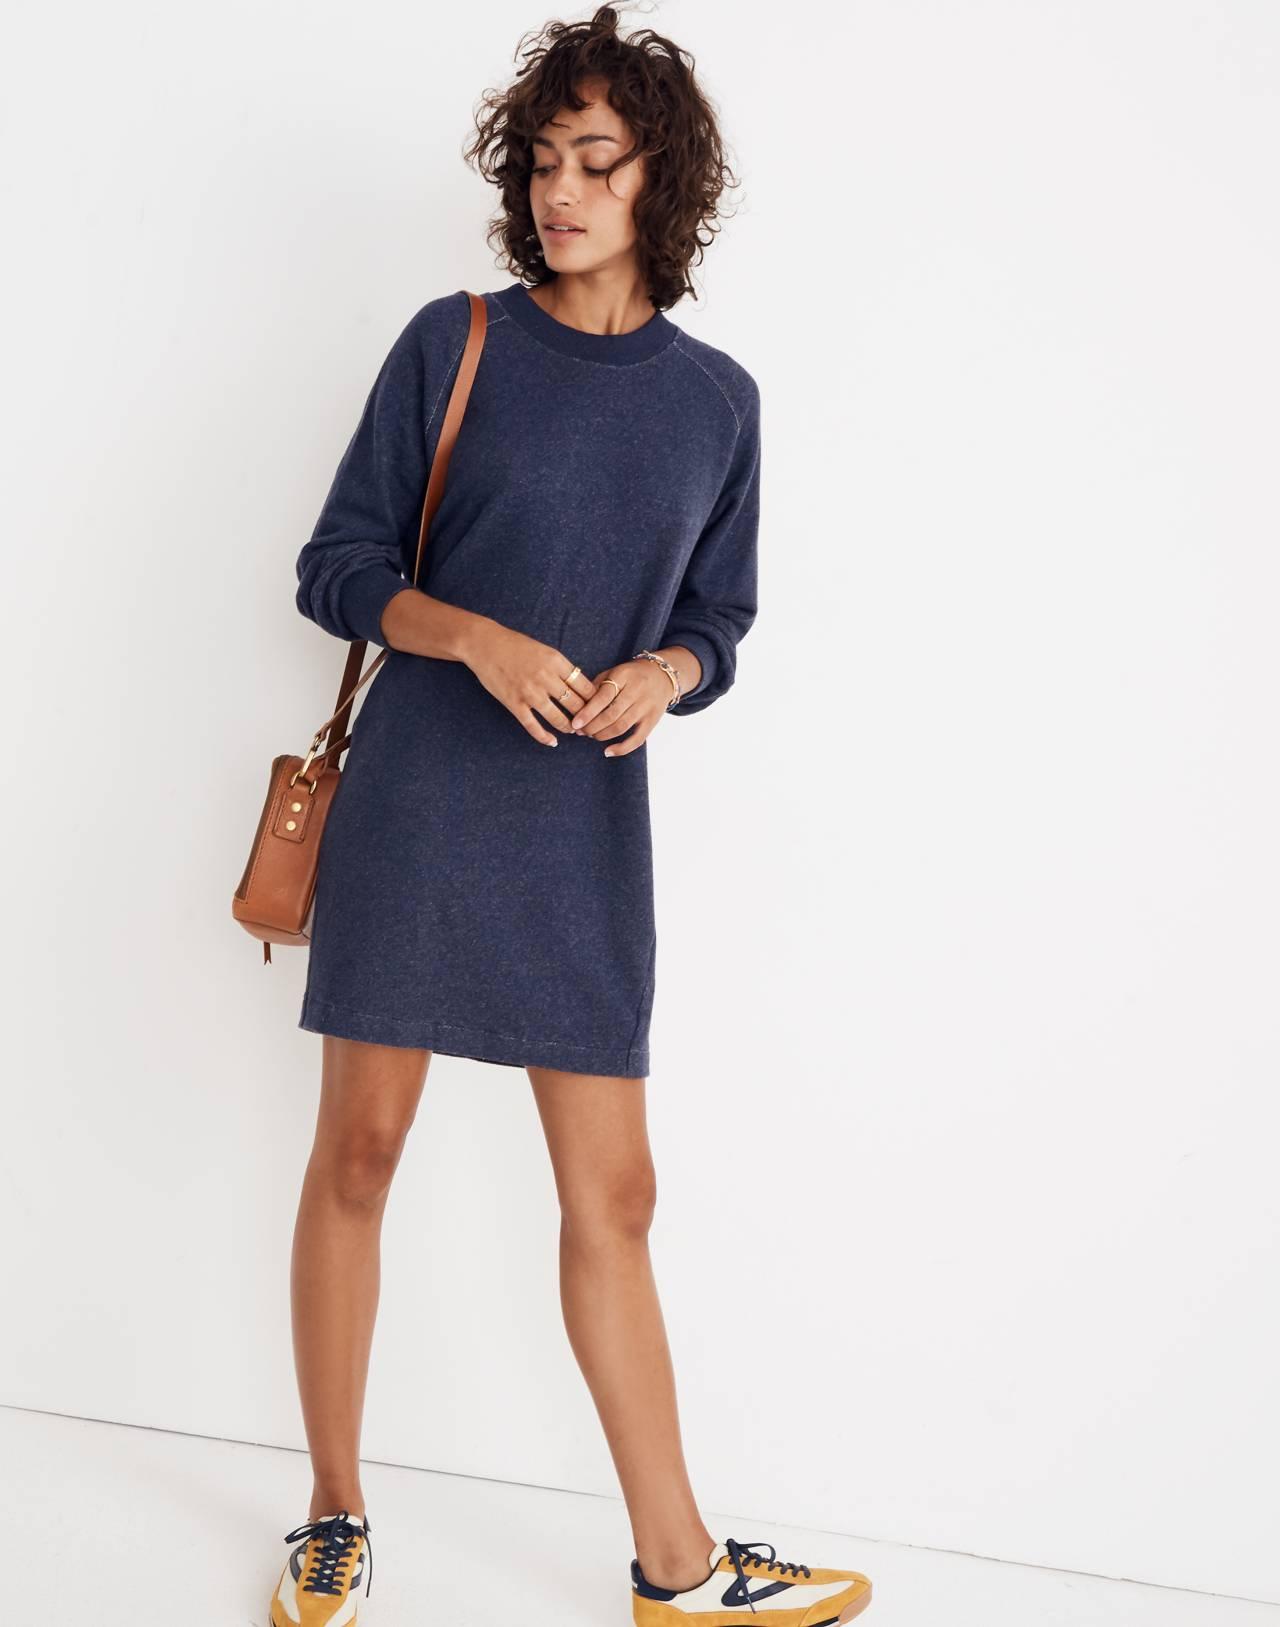 Bubble-Sleeve Sweatshirt Dress in hthr ink image 1